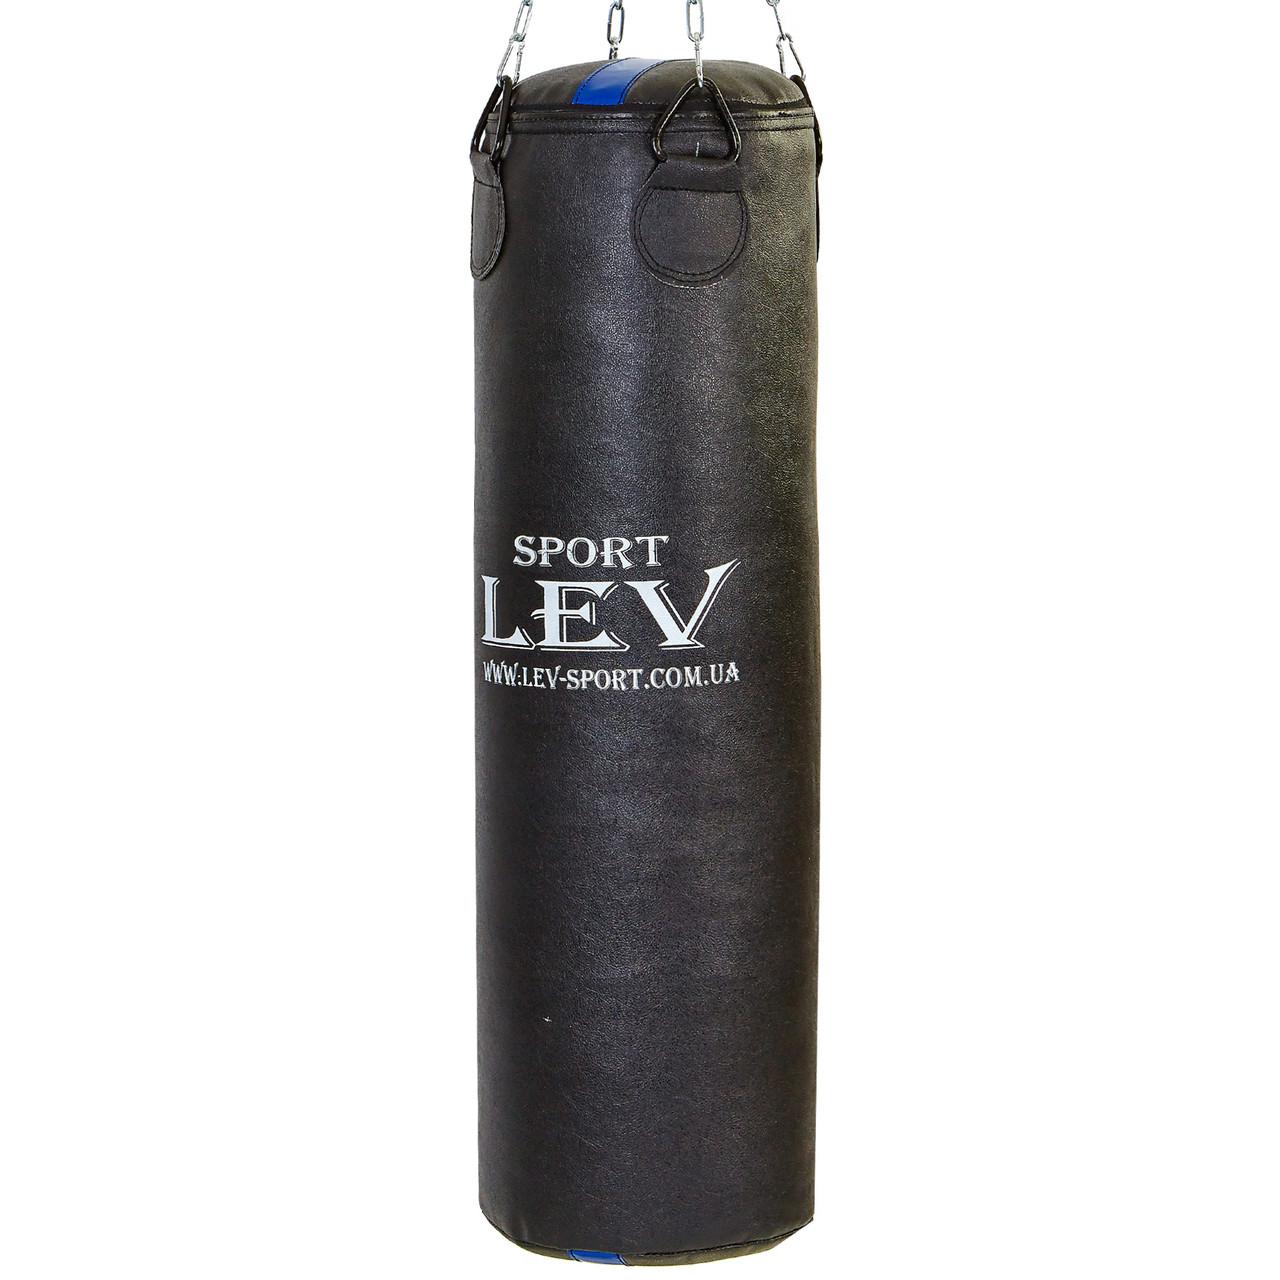 Боксерская груша (мешок) для взрослых и подростка кирза 1 м, d=30см, вес 25-28кг без креплений, черный